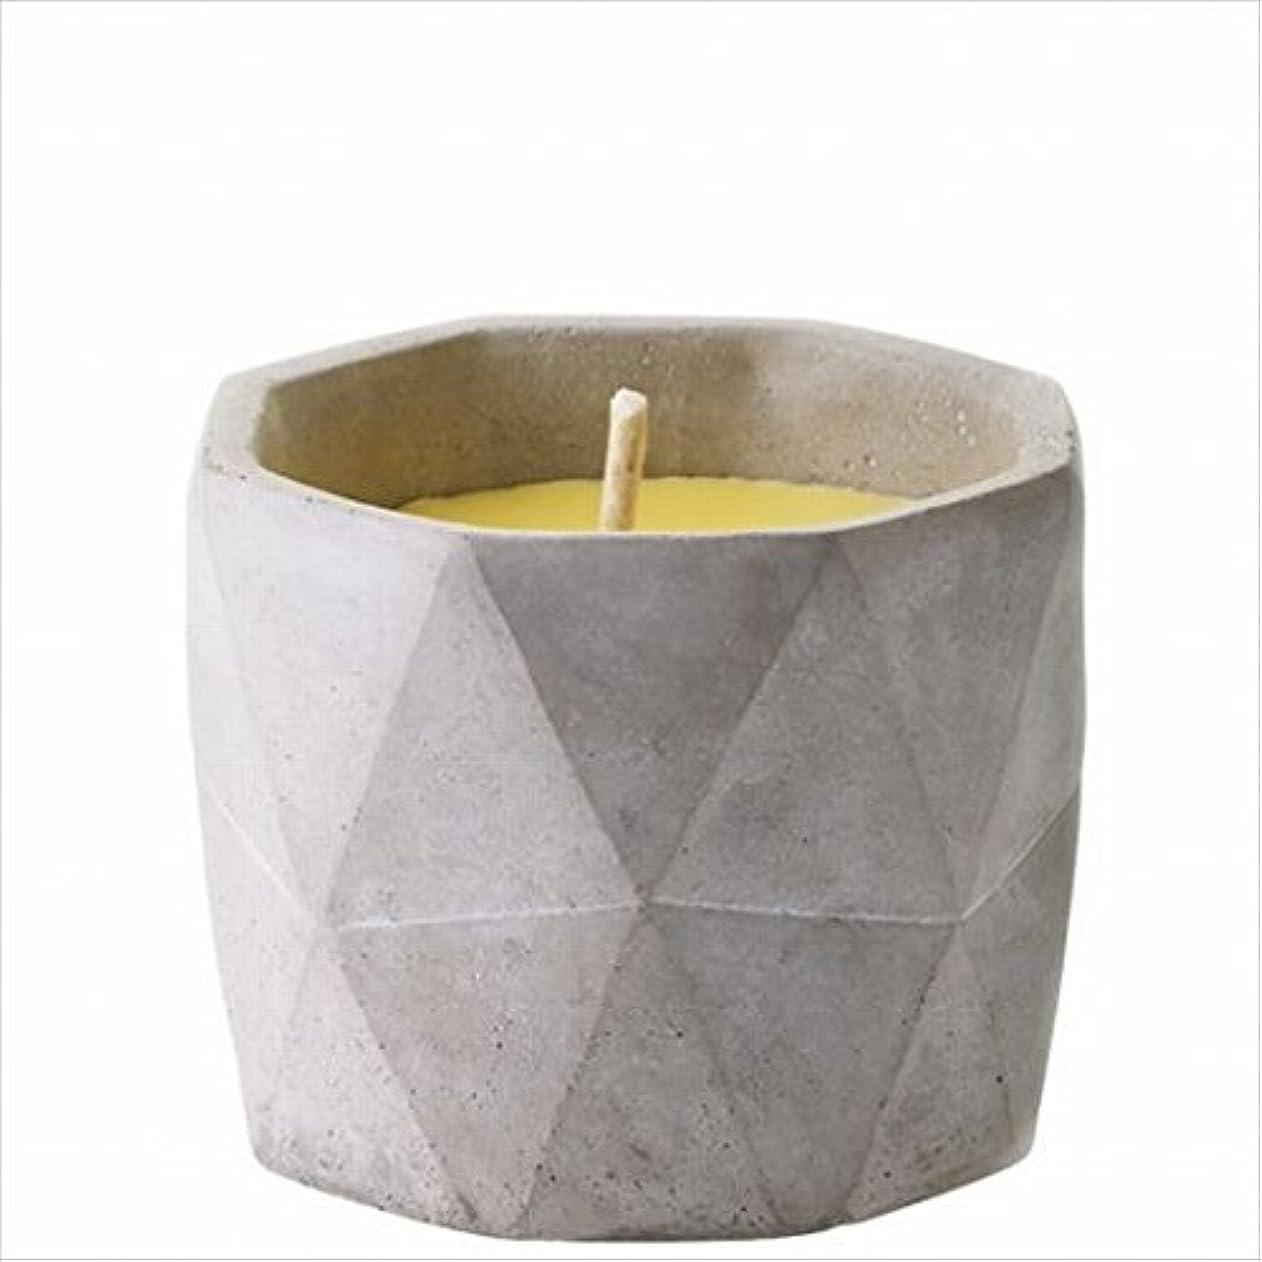 ネット地区調停者カメヤマキャンドル(kameyama candle) POiNT A LA LiGNE セメントポット シトロネラキャンドルM(屋外用)